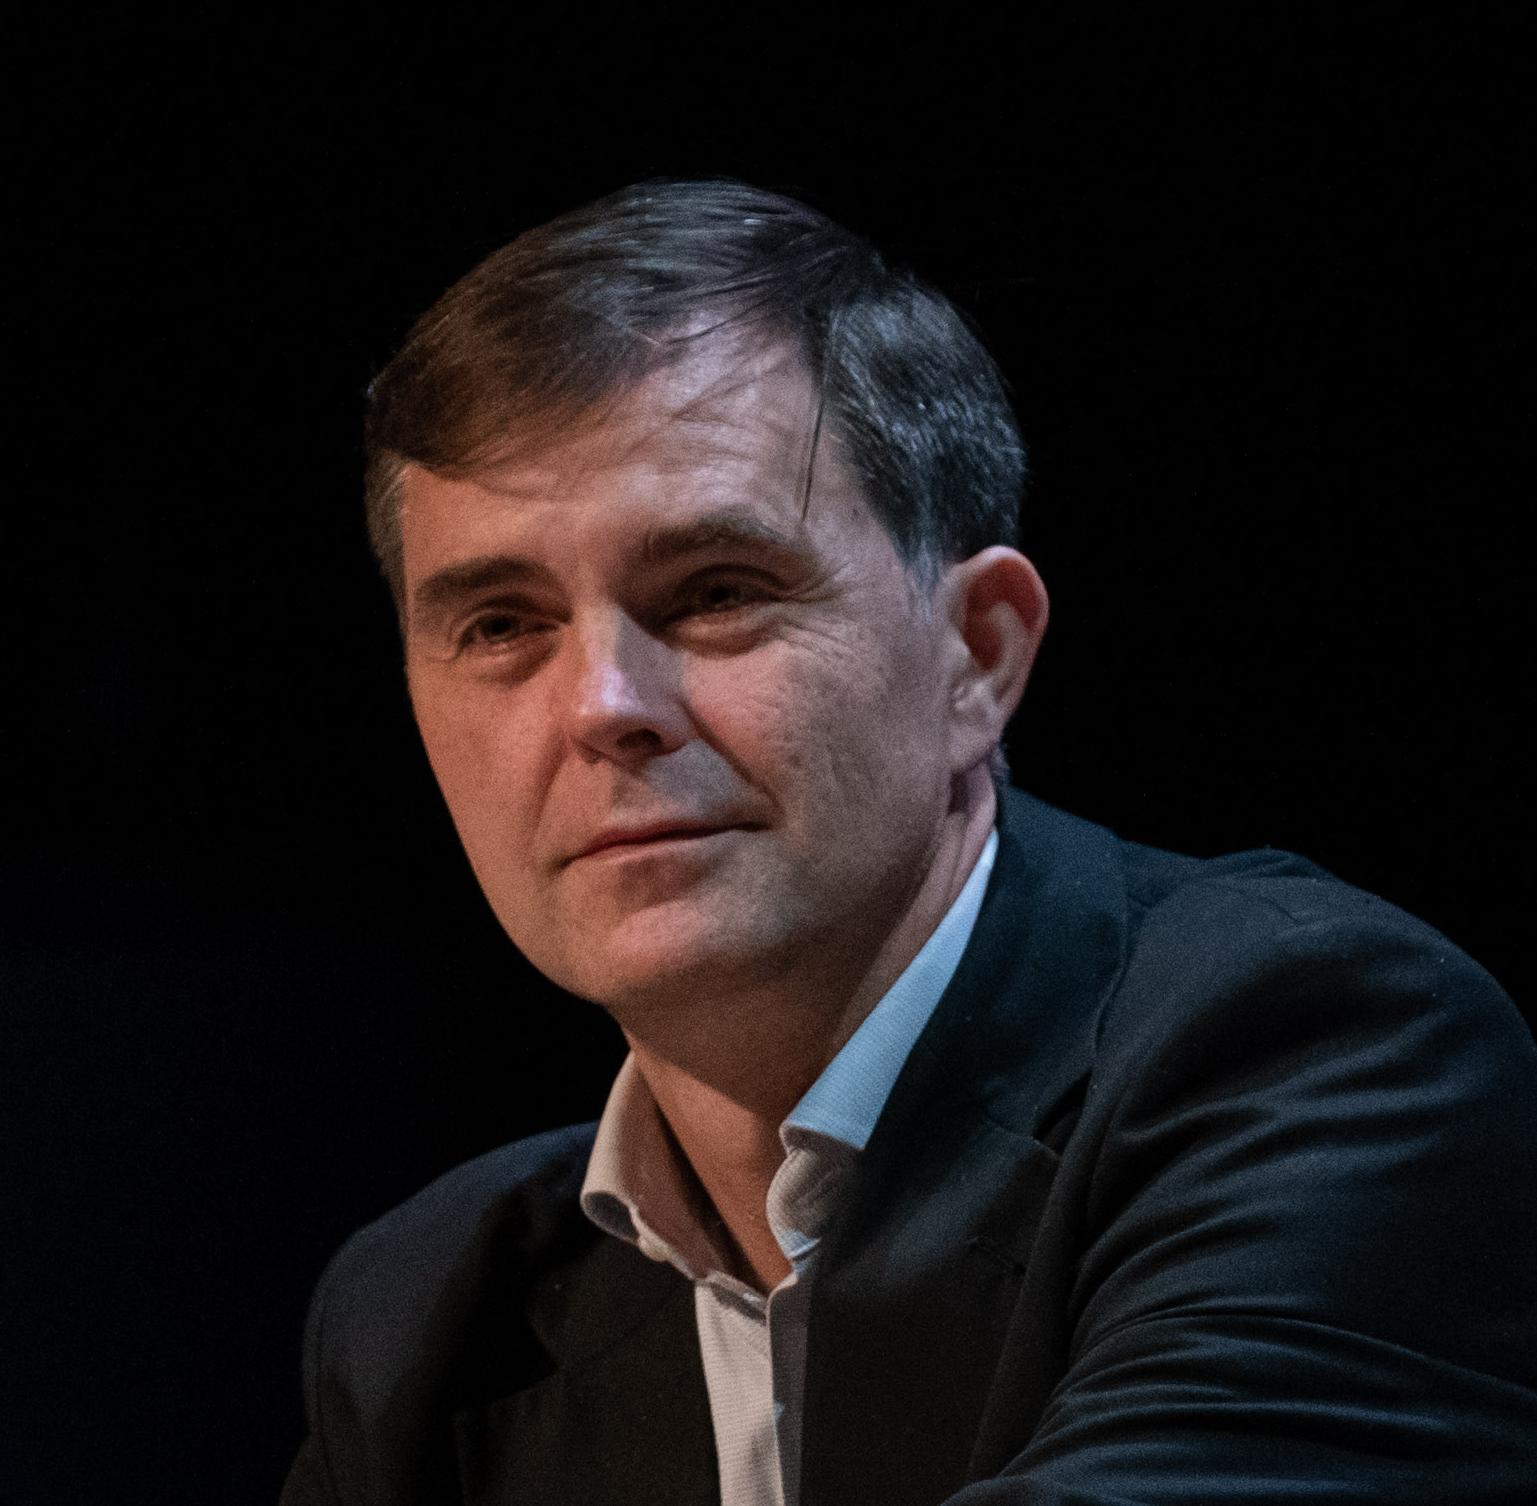 塞巴斯蒂安·博樂(Sébastien Bohler)擁有神經科學博士學位,是法國綜合理工學院工程師和講師,為《科學美國人腦科學》雜志的法國版《大腦與心理》(Cerveau & Psycho)擔任主編。在他的著作《人類的漏洞》(Le Bug humain)一書當中,他揭示了人類大腦功能的失調現象,認為它就是導致人為氣候環境災難的根源。